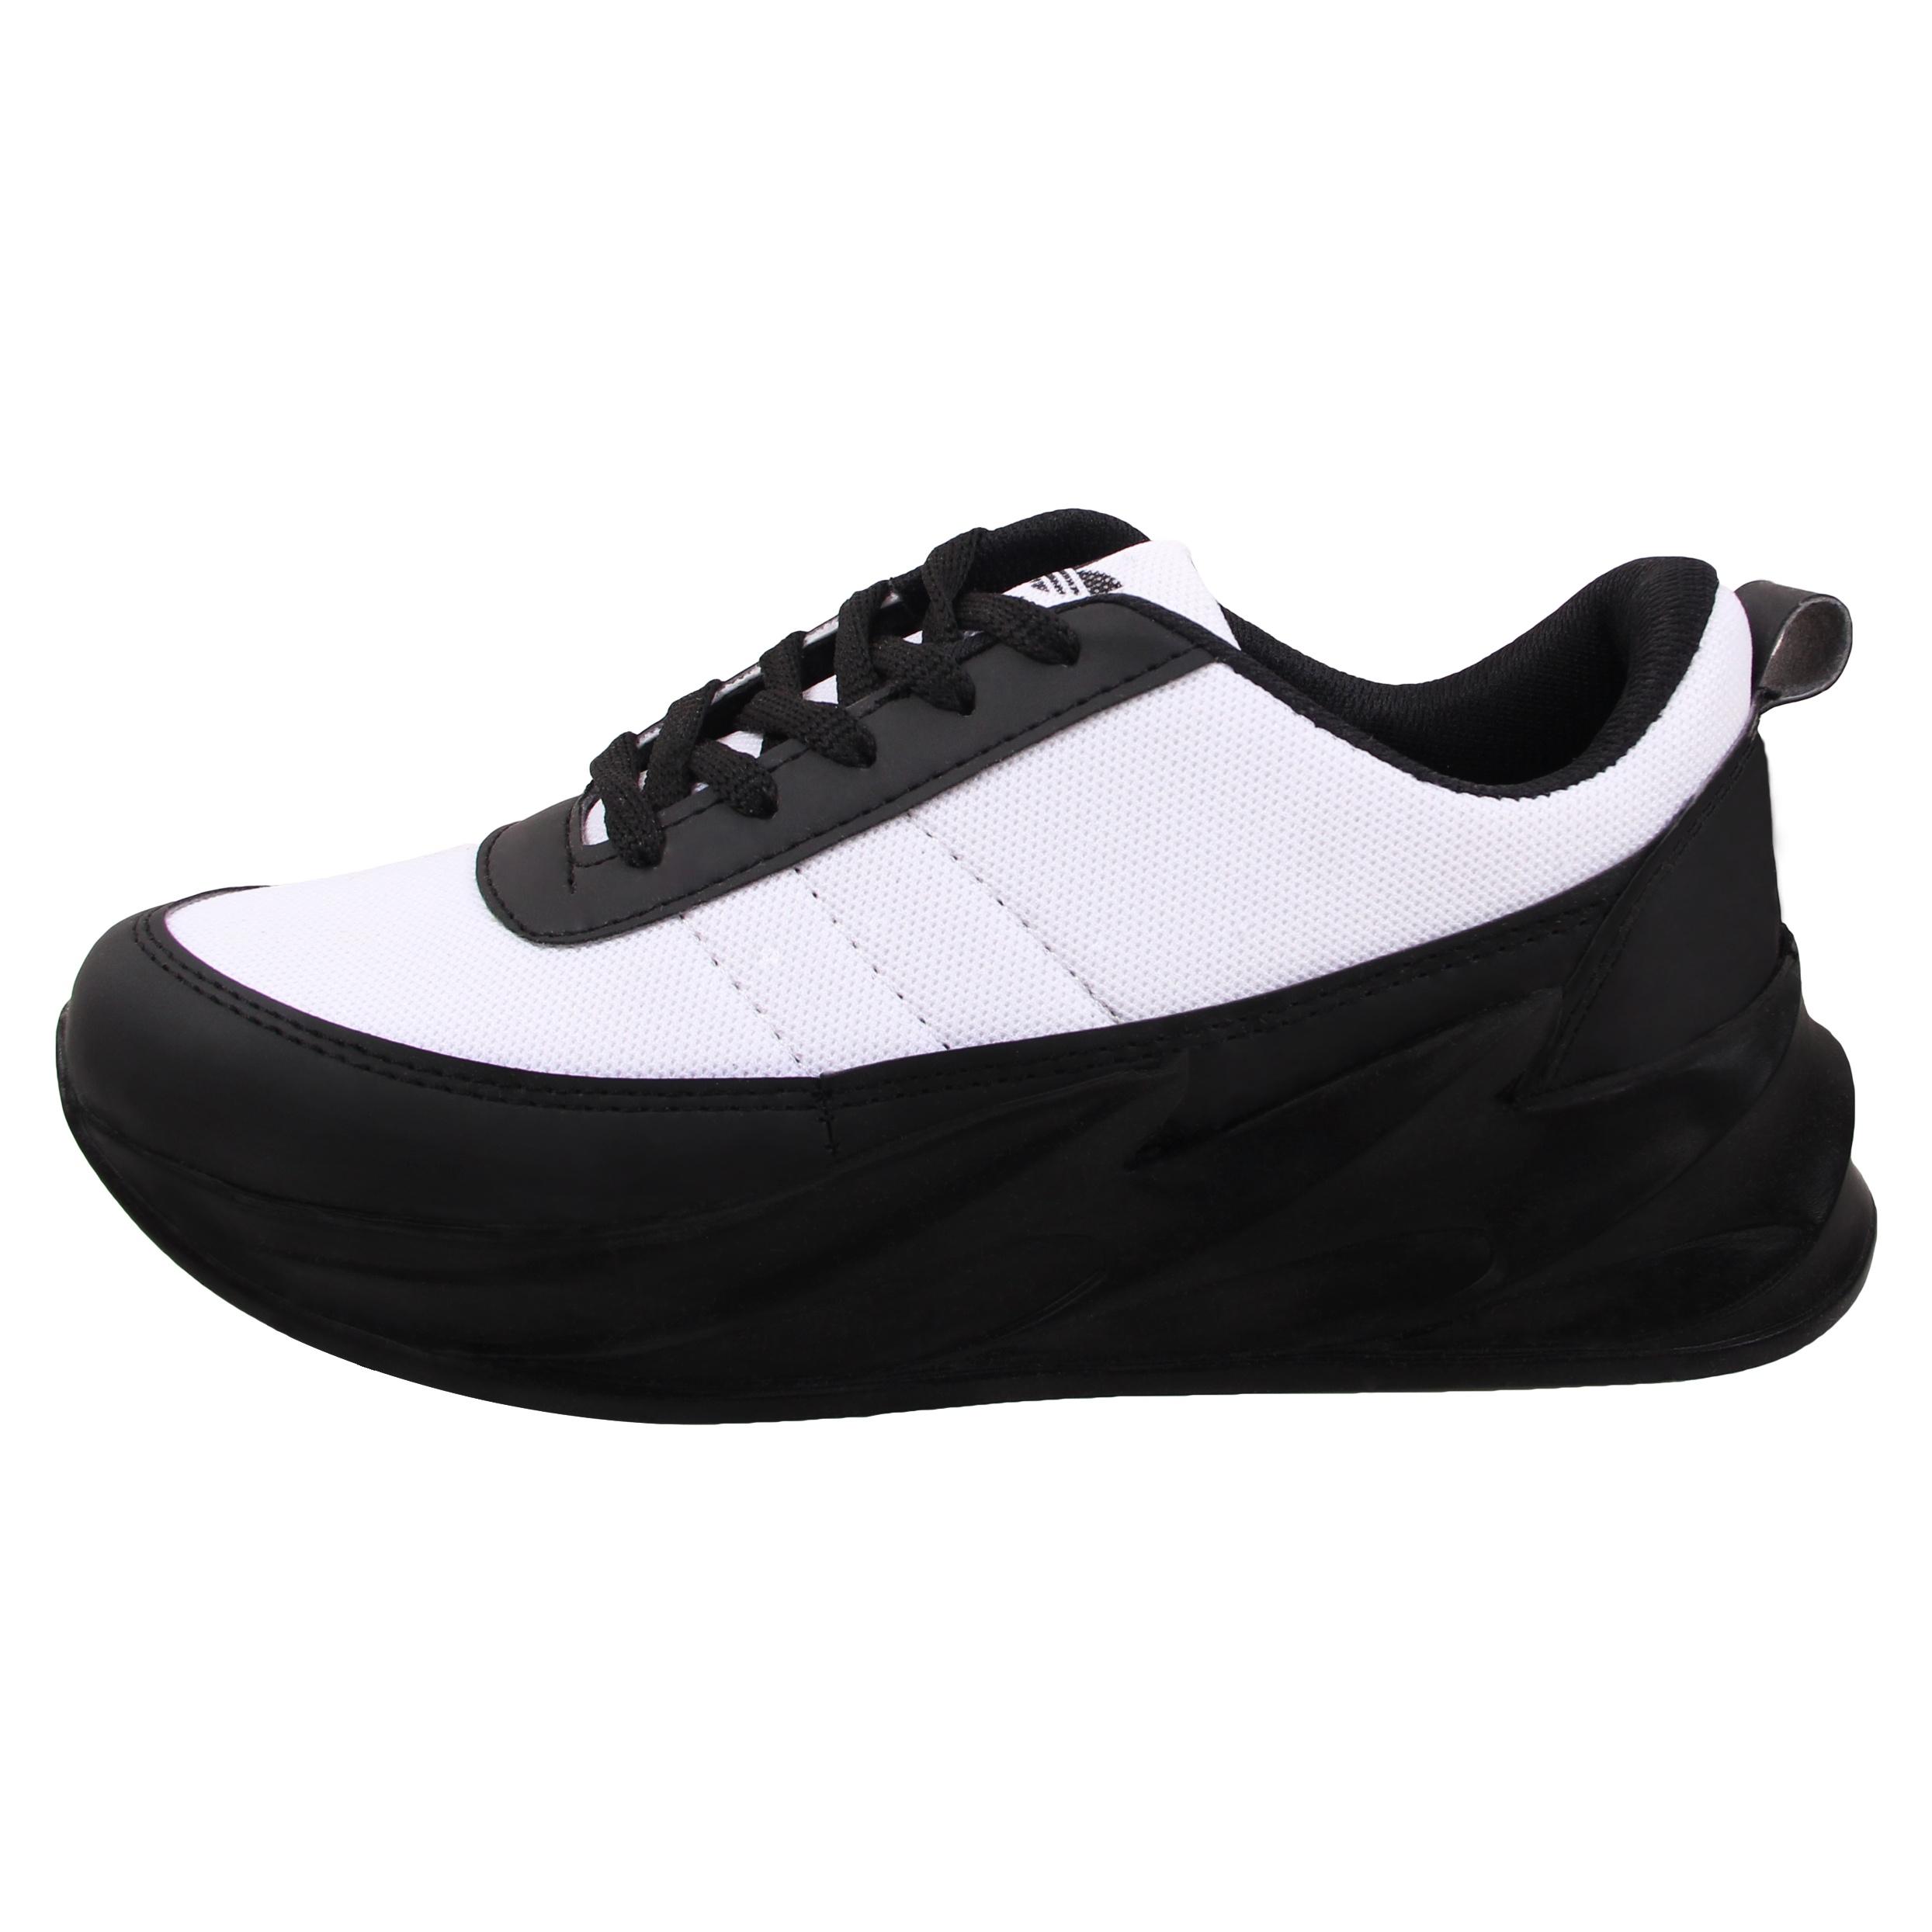 کفش مخصوص پیاده روی زنانه کد 4-39712